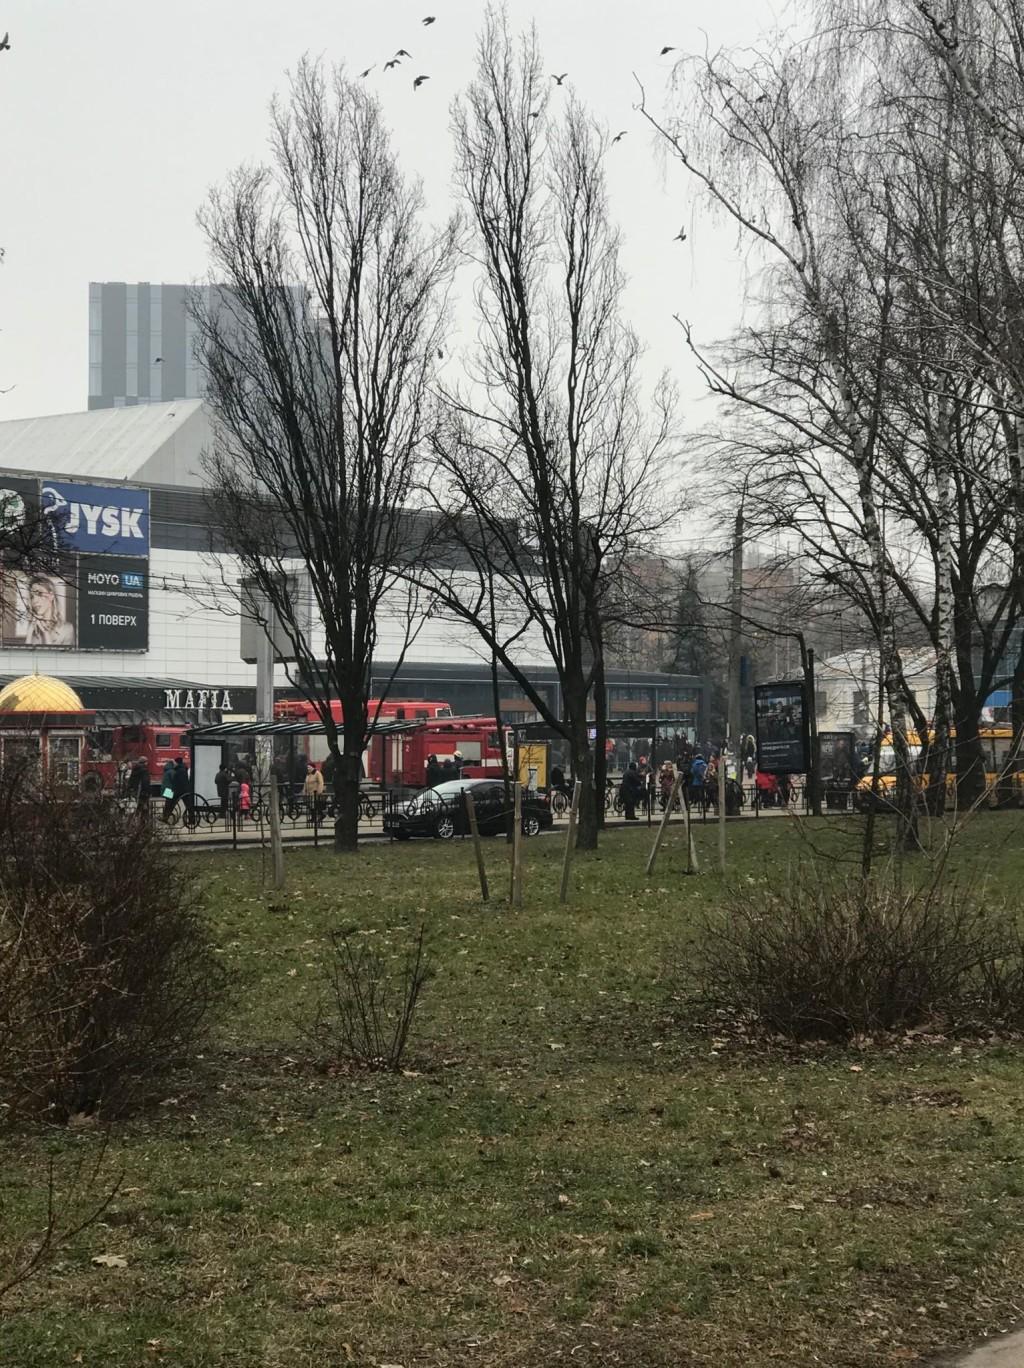 «Помилкова тривога»: до торгівельного центру Чернігова з'їхалося 8 пожежних машин (Фото, відео)